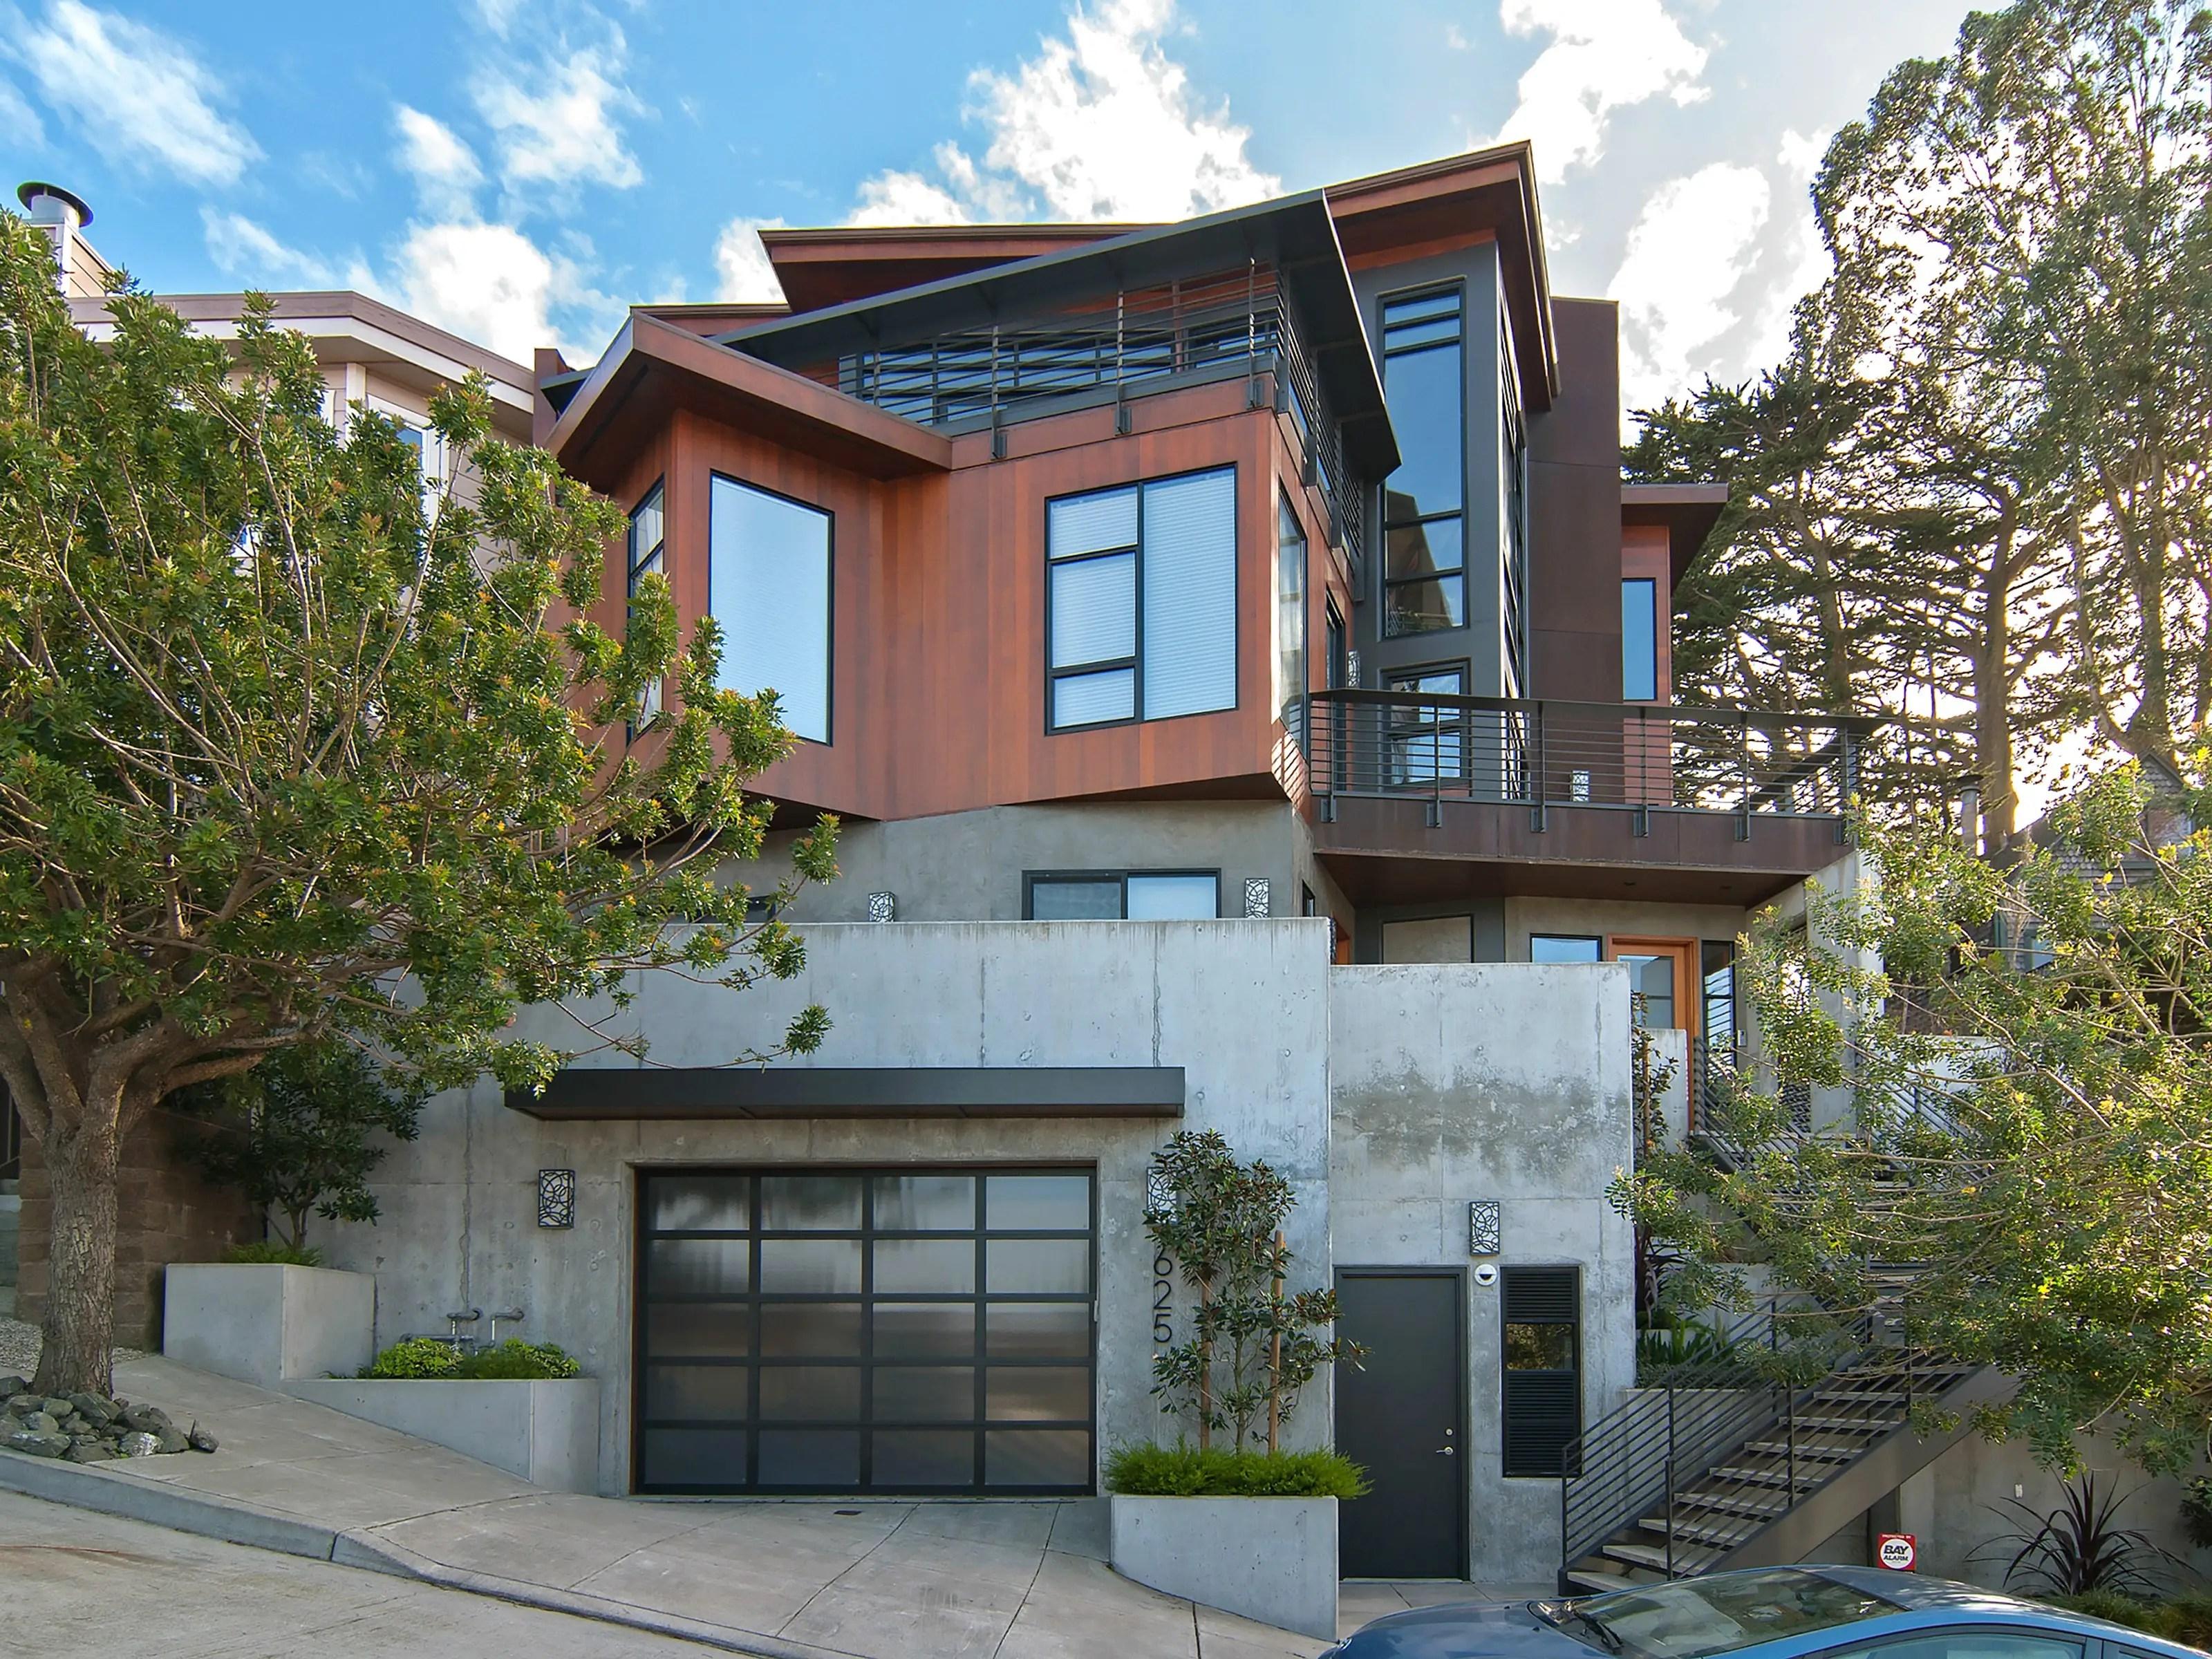 The four-bedroom, six-bathroom home has a modern, angular facade.